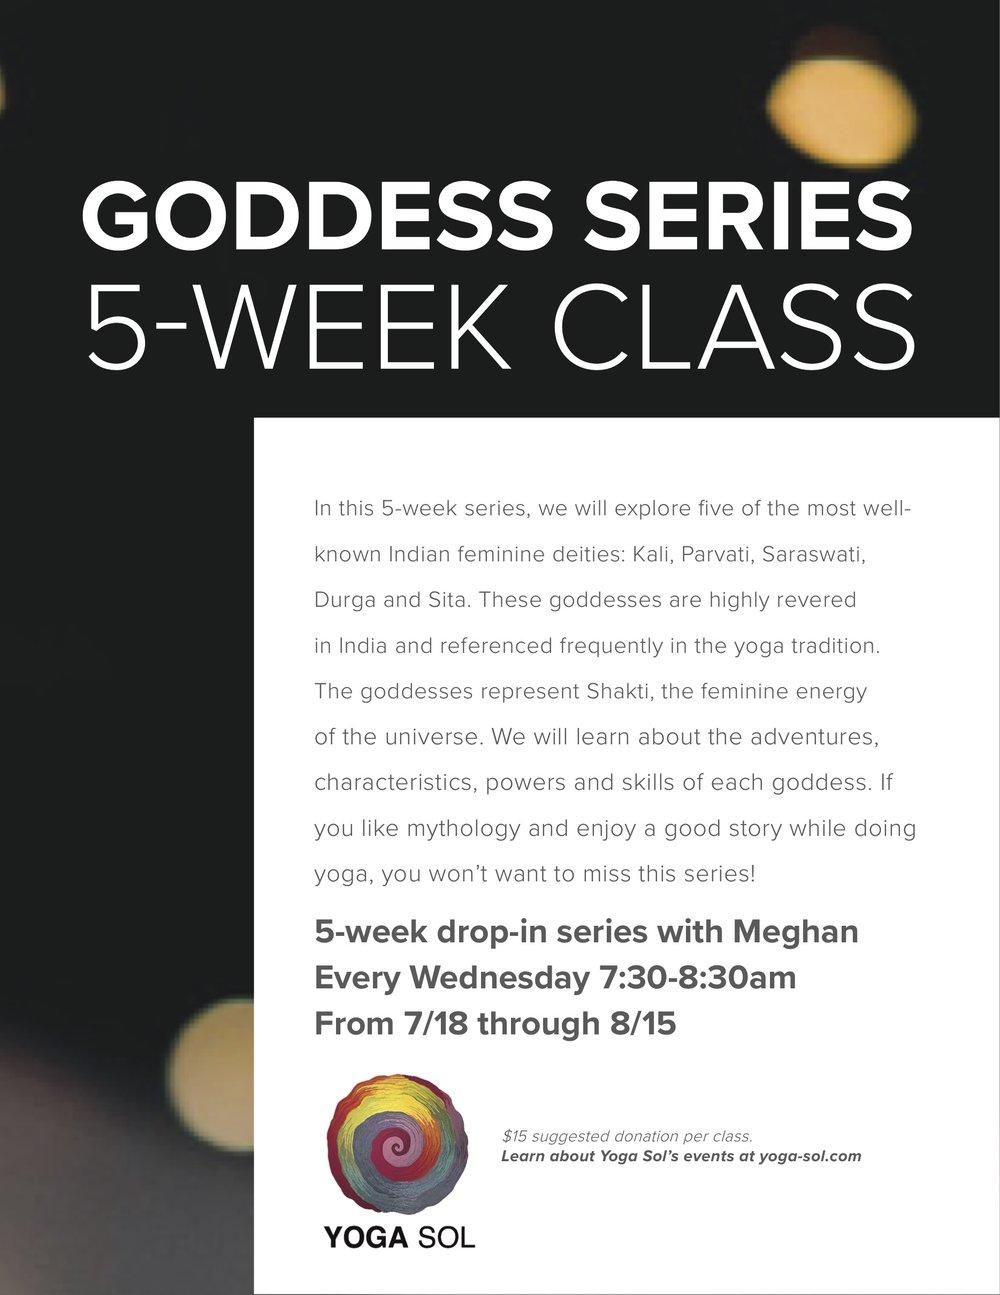 2018_7_18_goddess_series.jpg